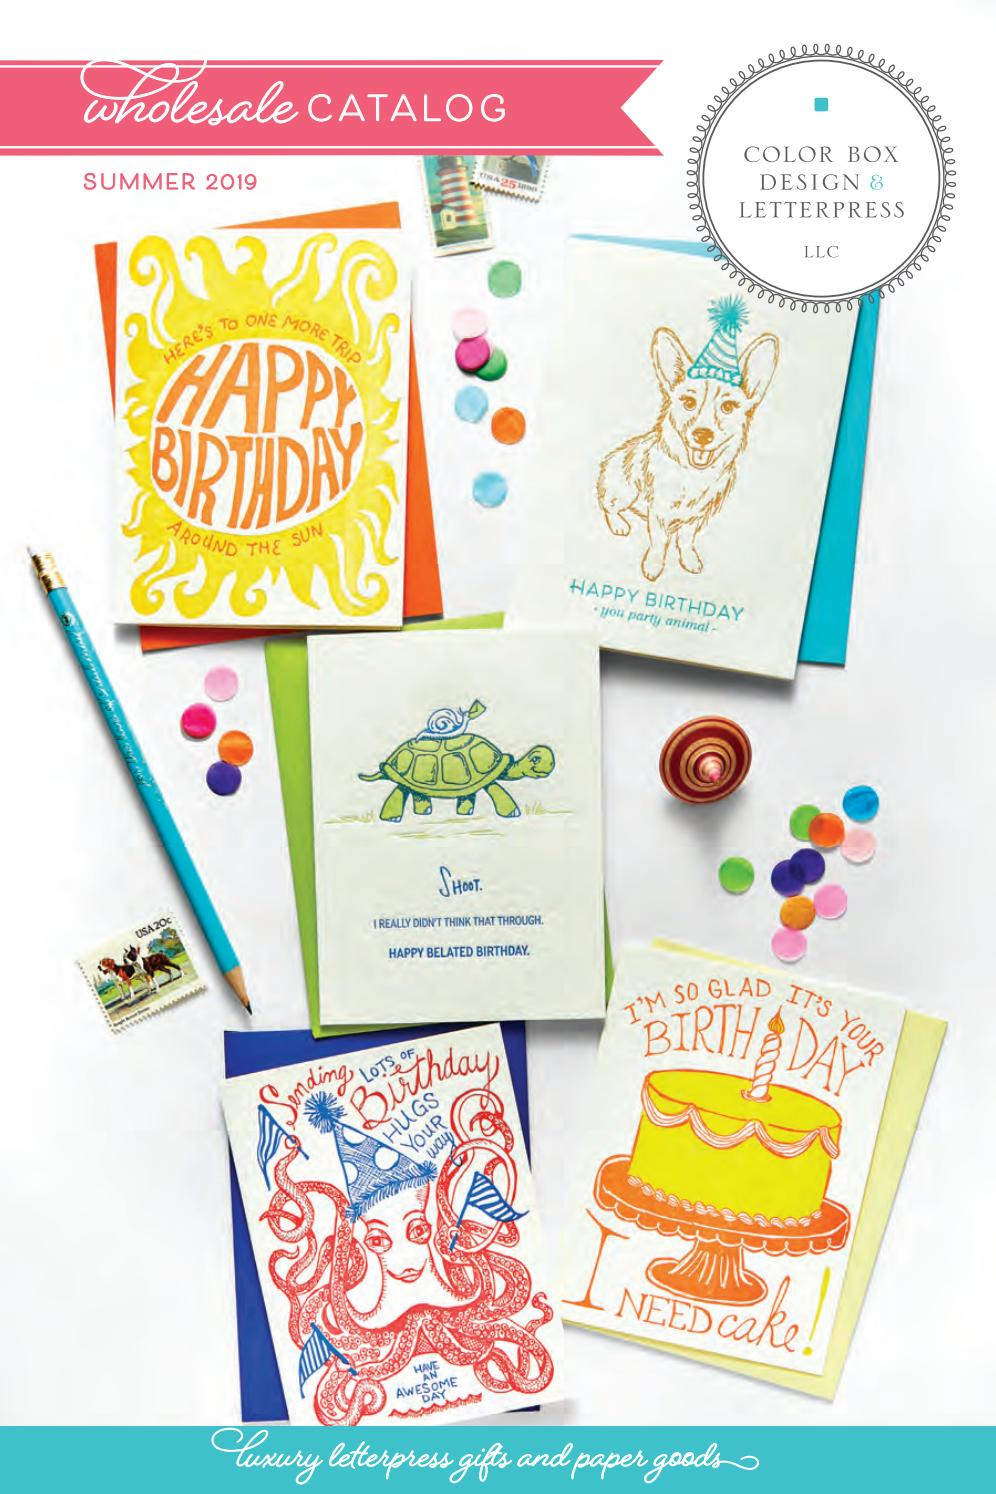 Thank You Cards Postcards appreciation Gift cards Notes Thankyou Envelopes 821a